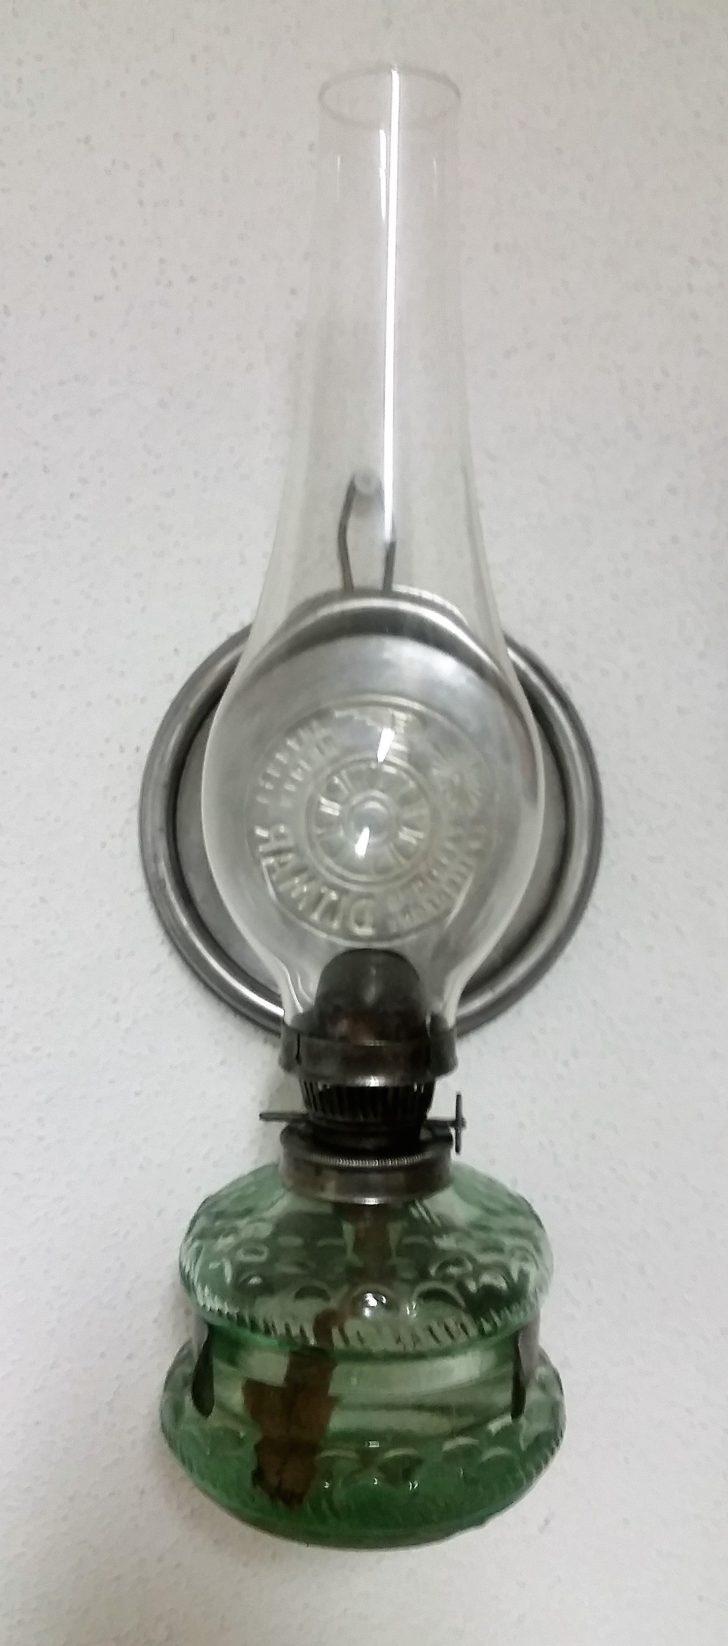 Medium Size of Küchenlampen Kchenlampen Sturmlaternen Wohnzimmer Küchenlampen